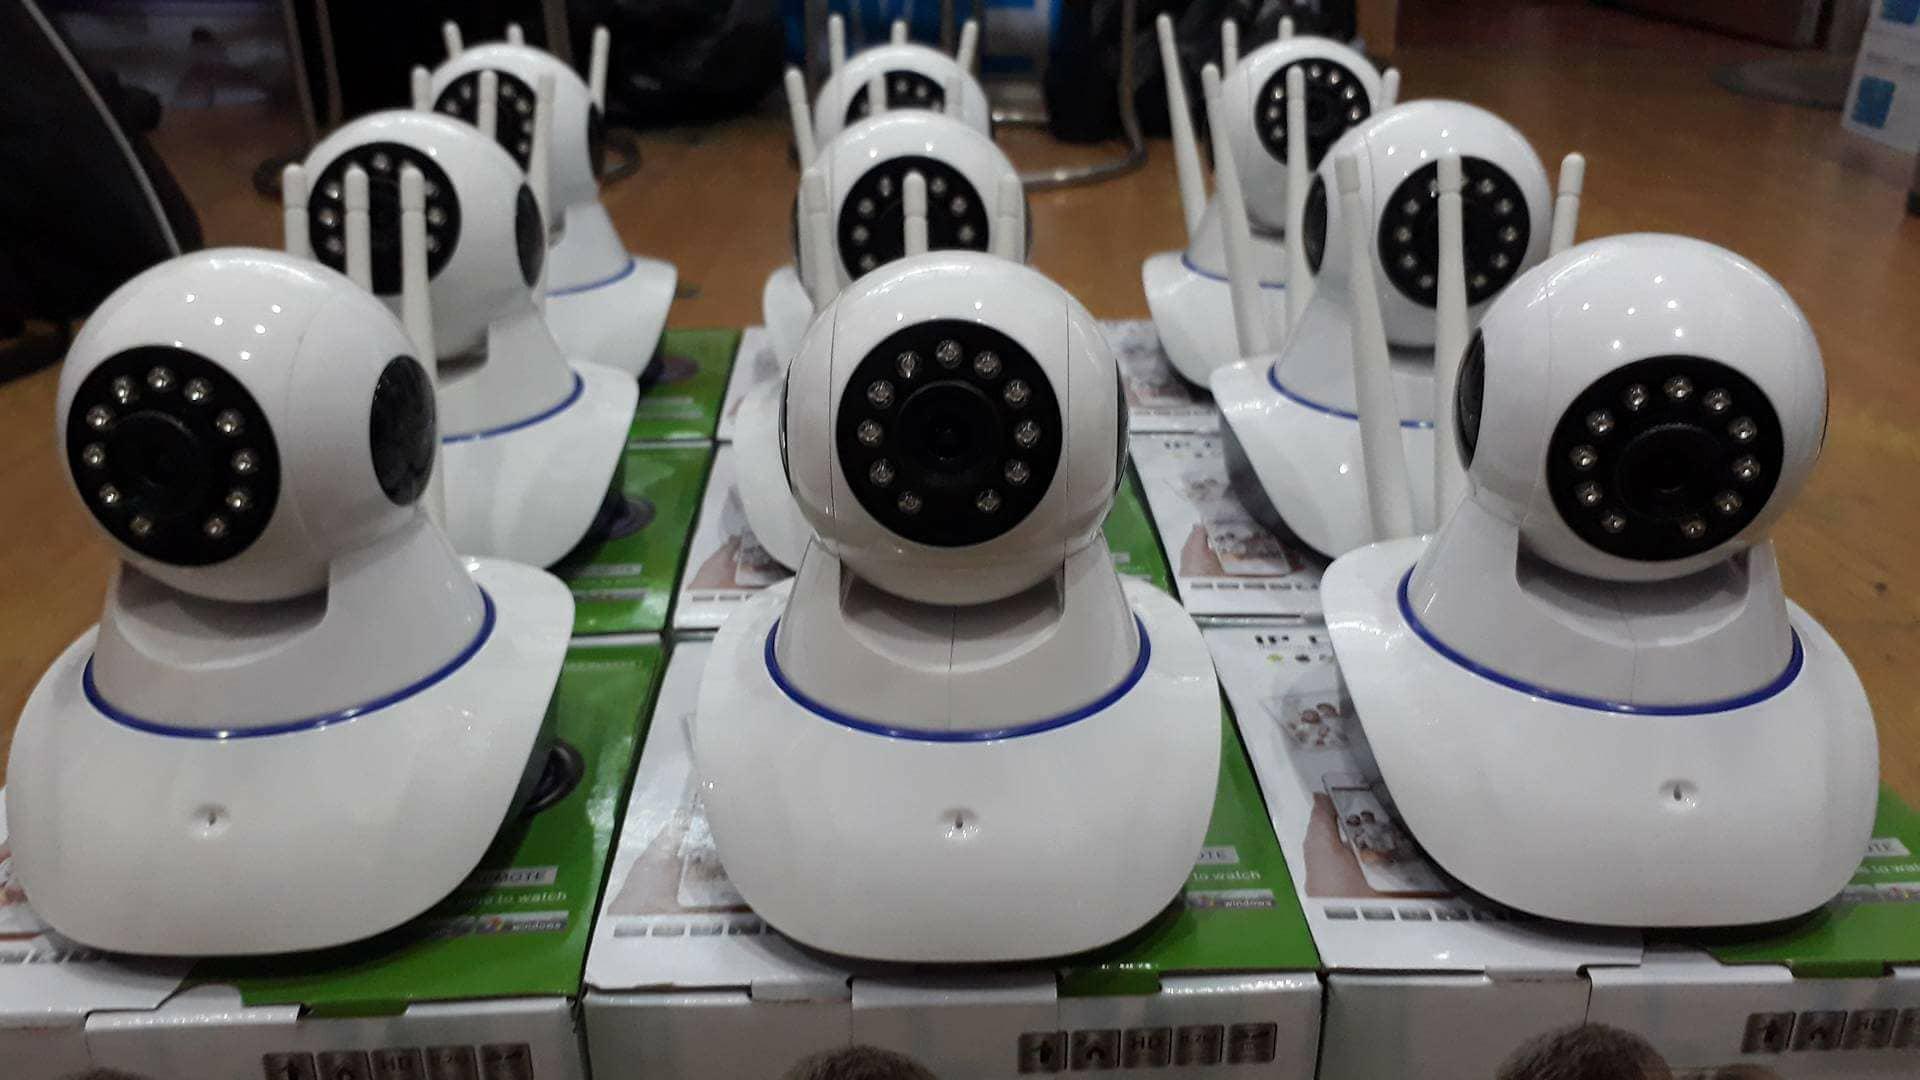 Camera wifi yoosee 3 râu thiết bị tiện ích giám sát